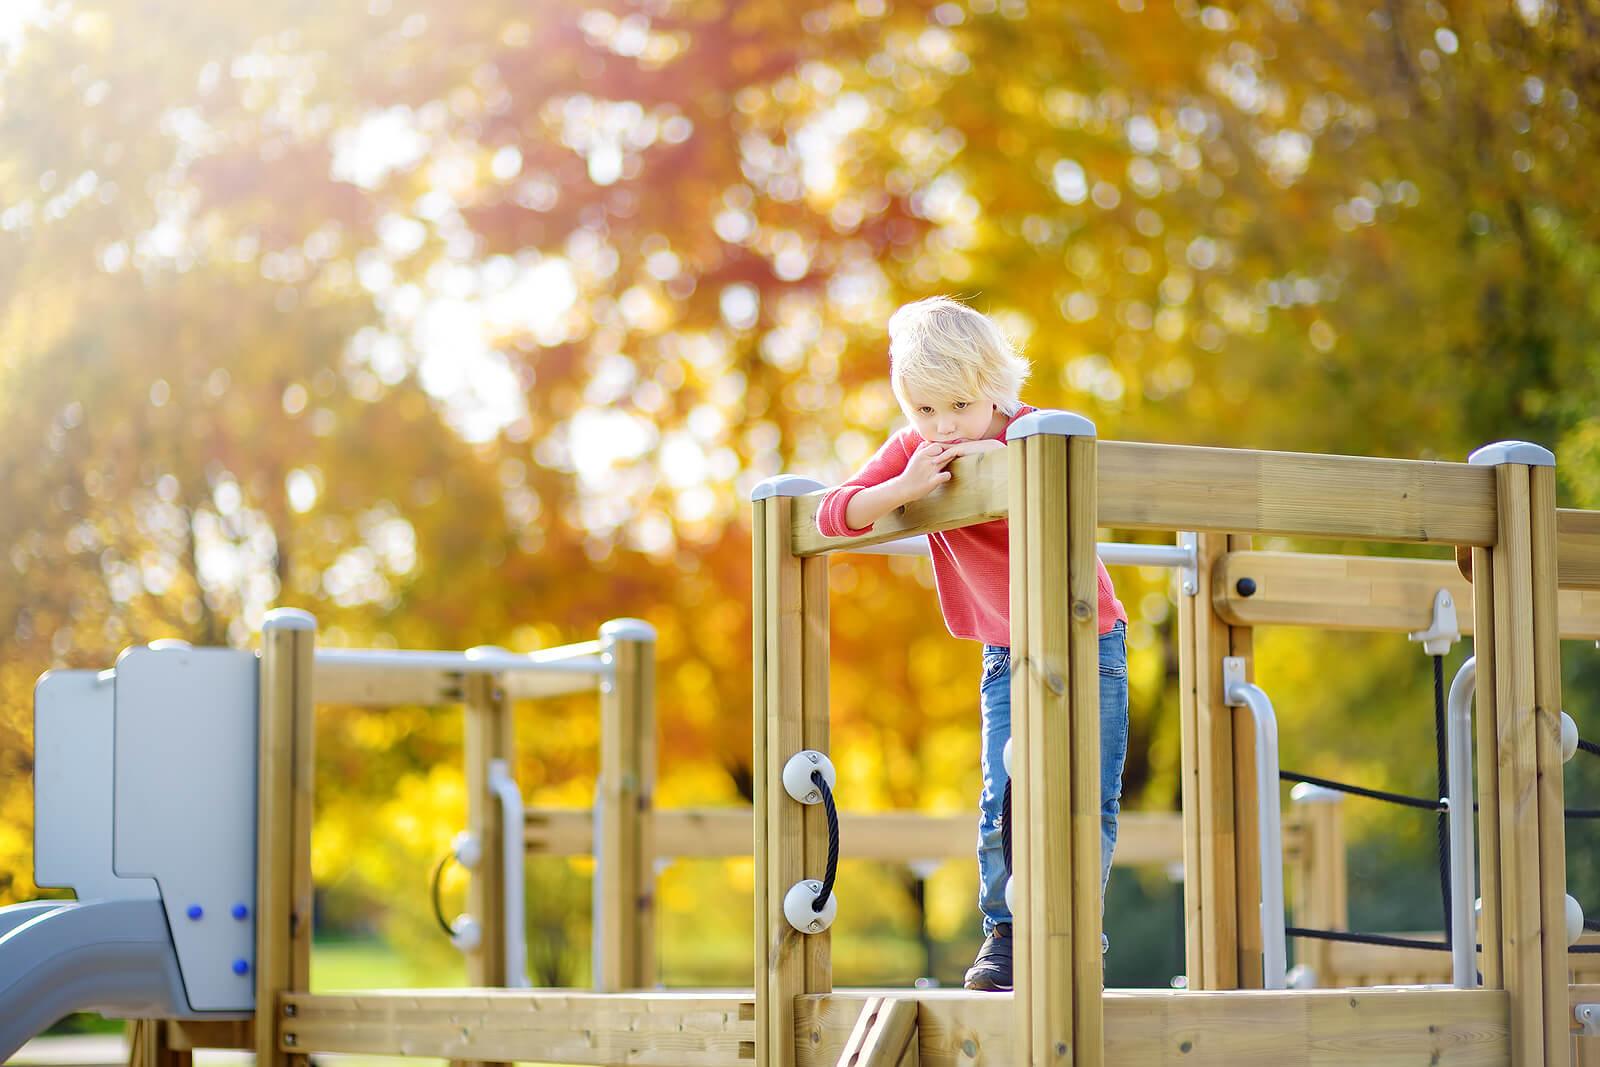 Niño al que le gusta jugar solo en el parque.